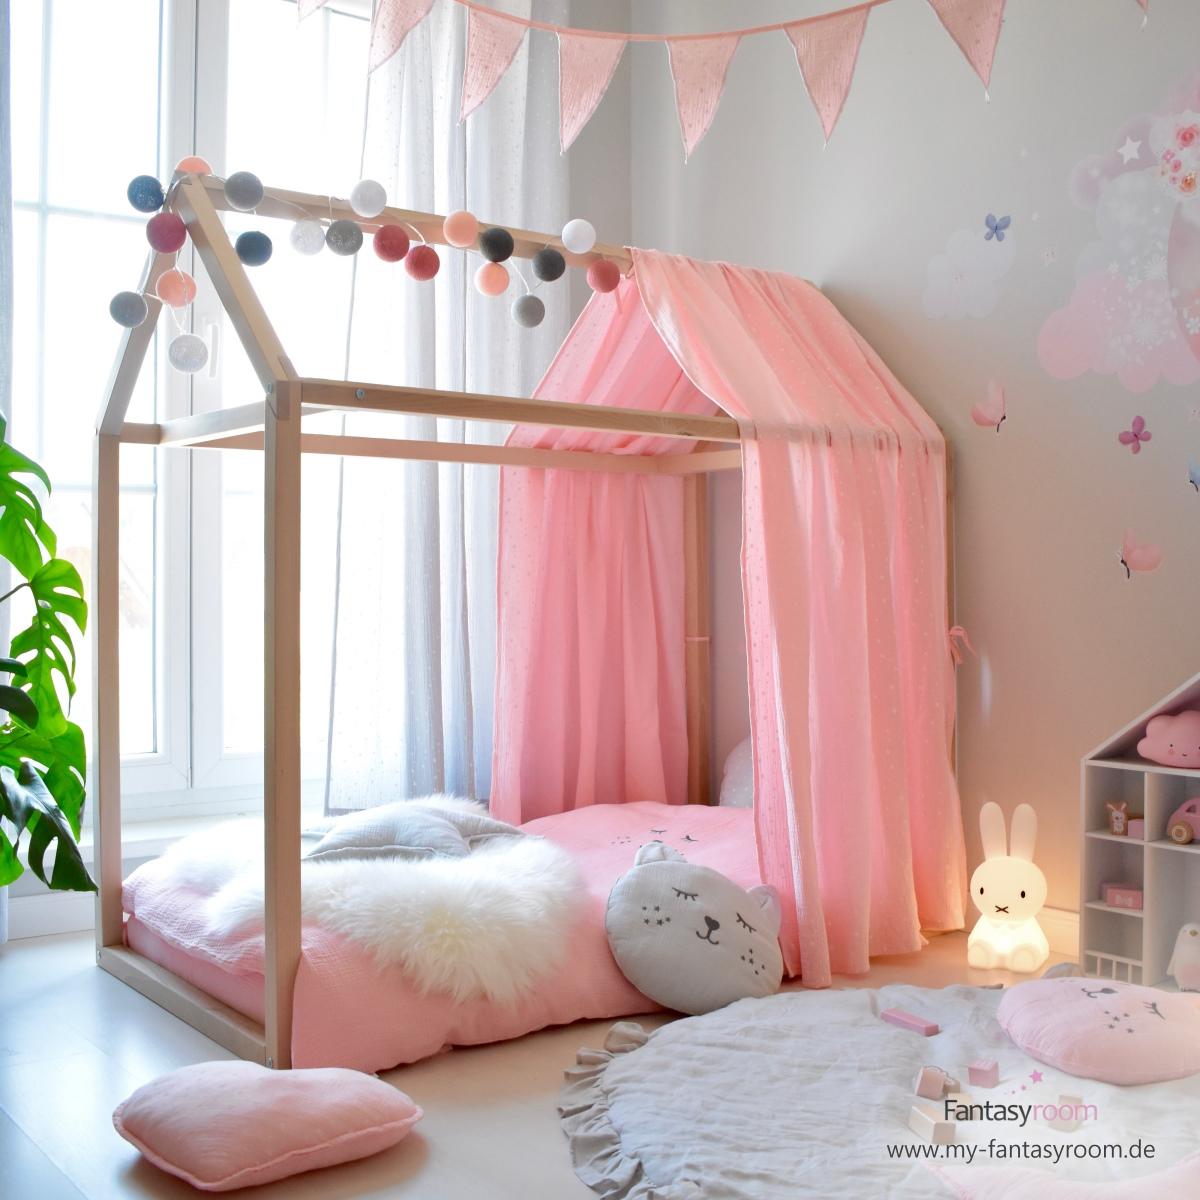 Full Size of Mädchenbetten Mdchen Betten Bett Kinderbett Wohnzimmer Wohnzimmer Mädchenbetten